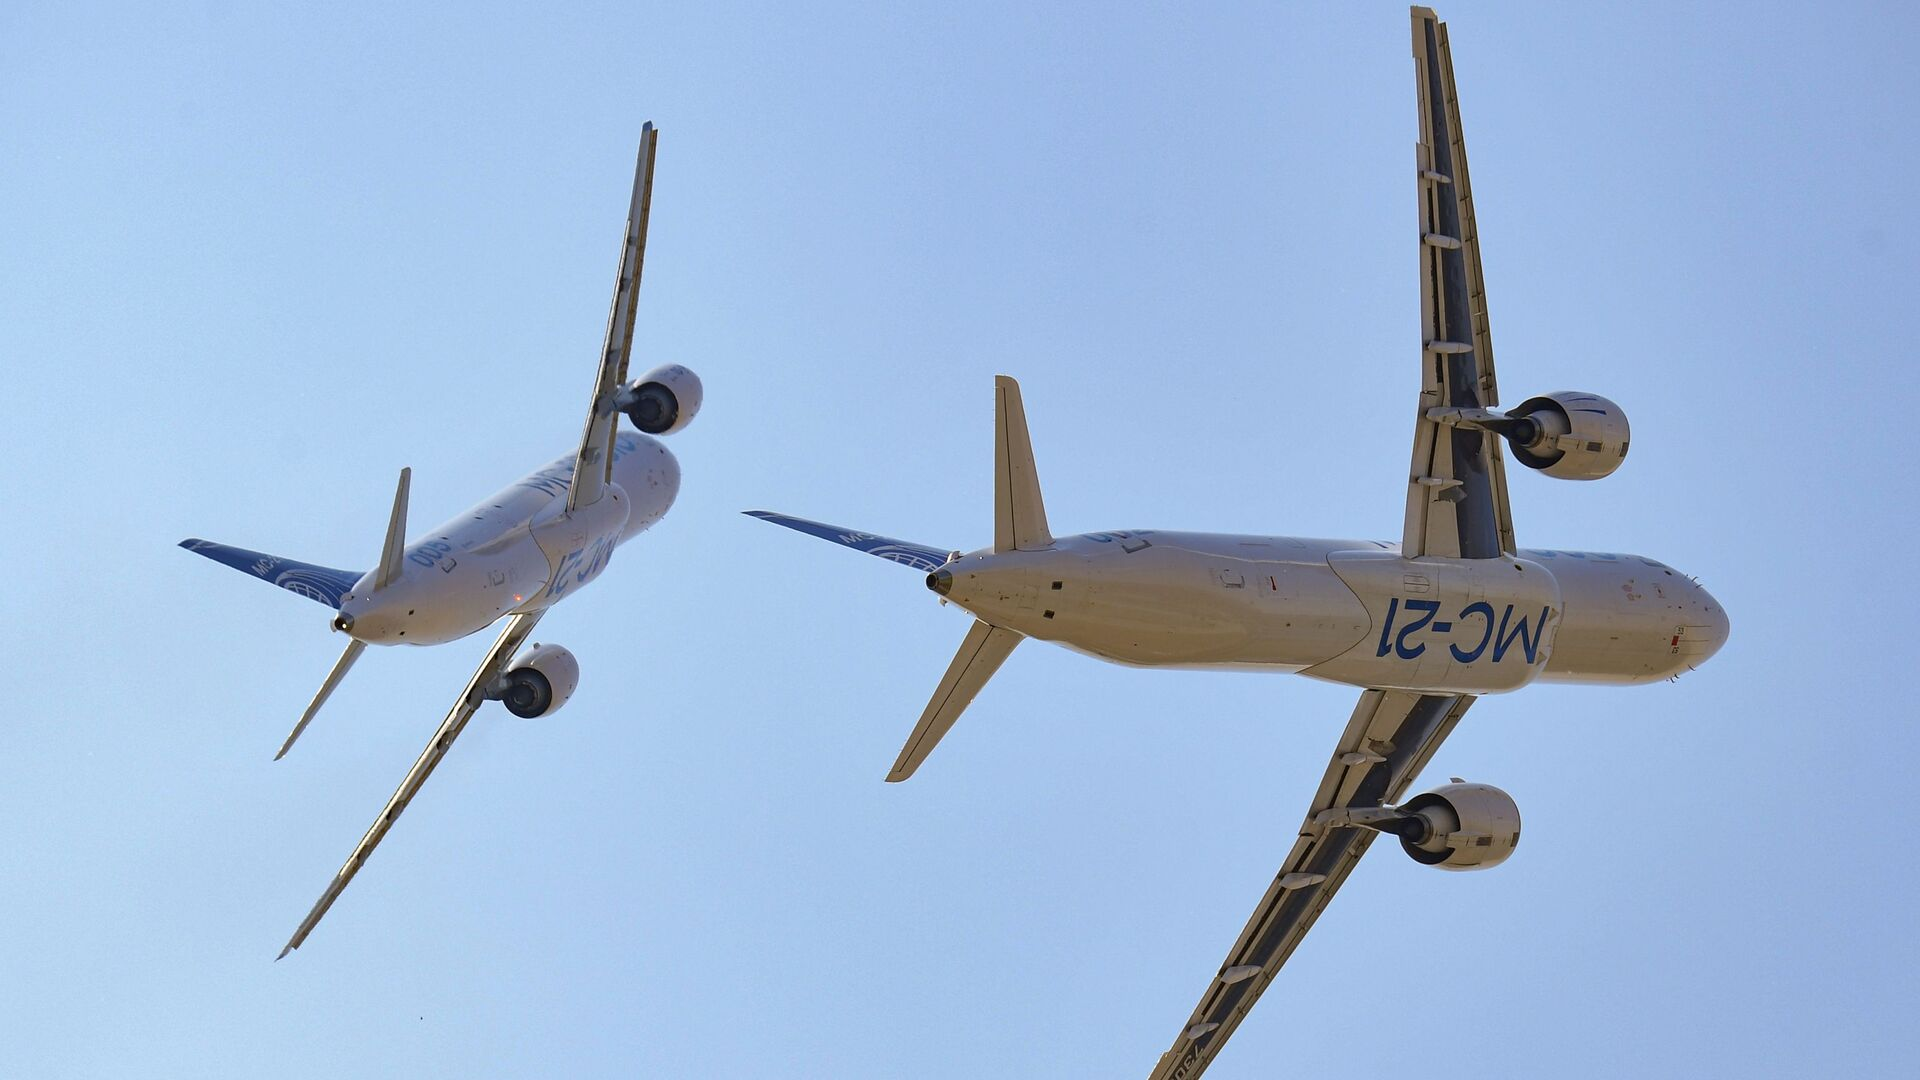 Пассажирские самолеты МС-21-300 и МС-21-310 во время выполнения летной программы на Международном авиационно-космическом салоне МАКС-2021 - Sputnik Mundo, 1920, 03.08.2021